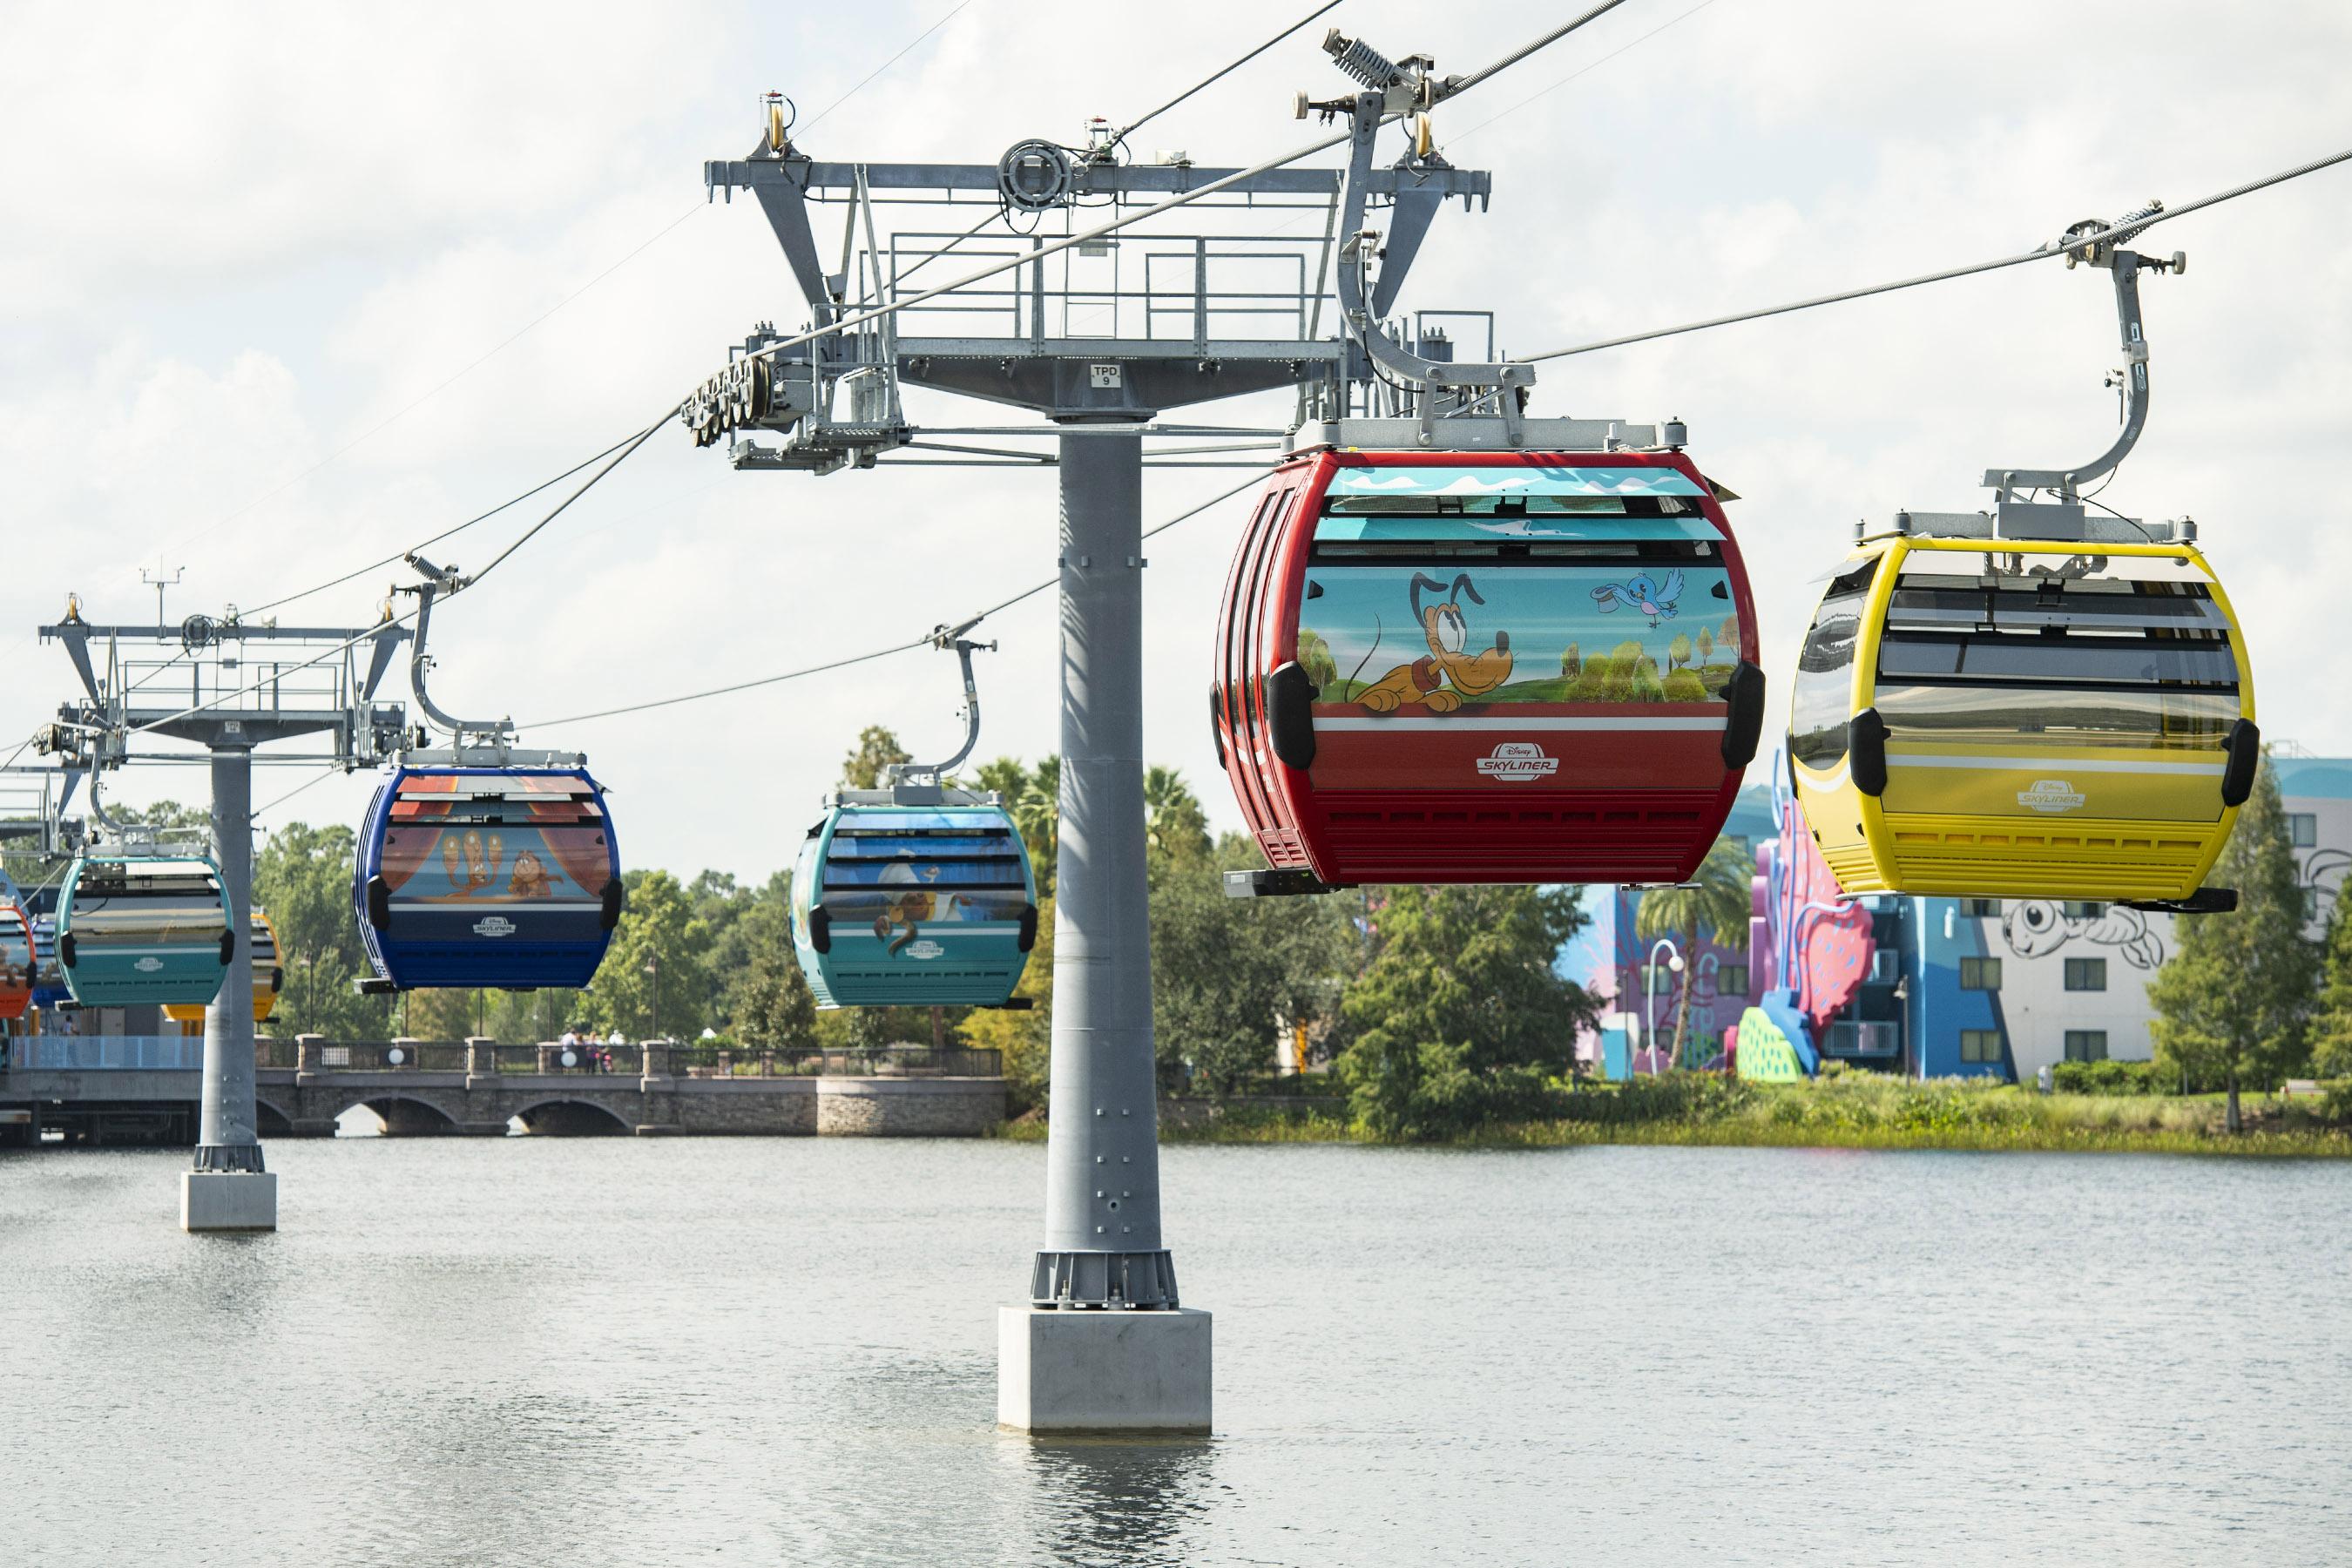 Disney Skyliner Transportation